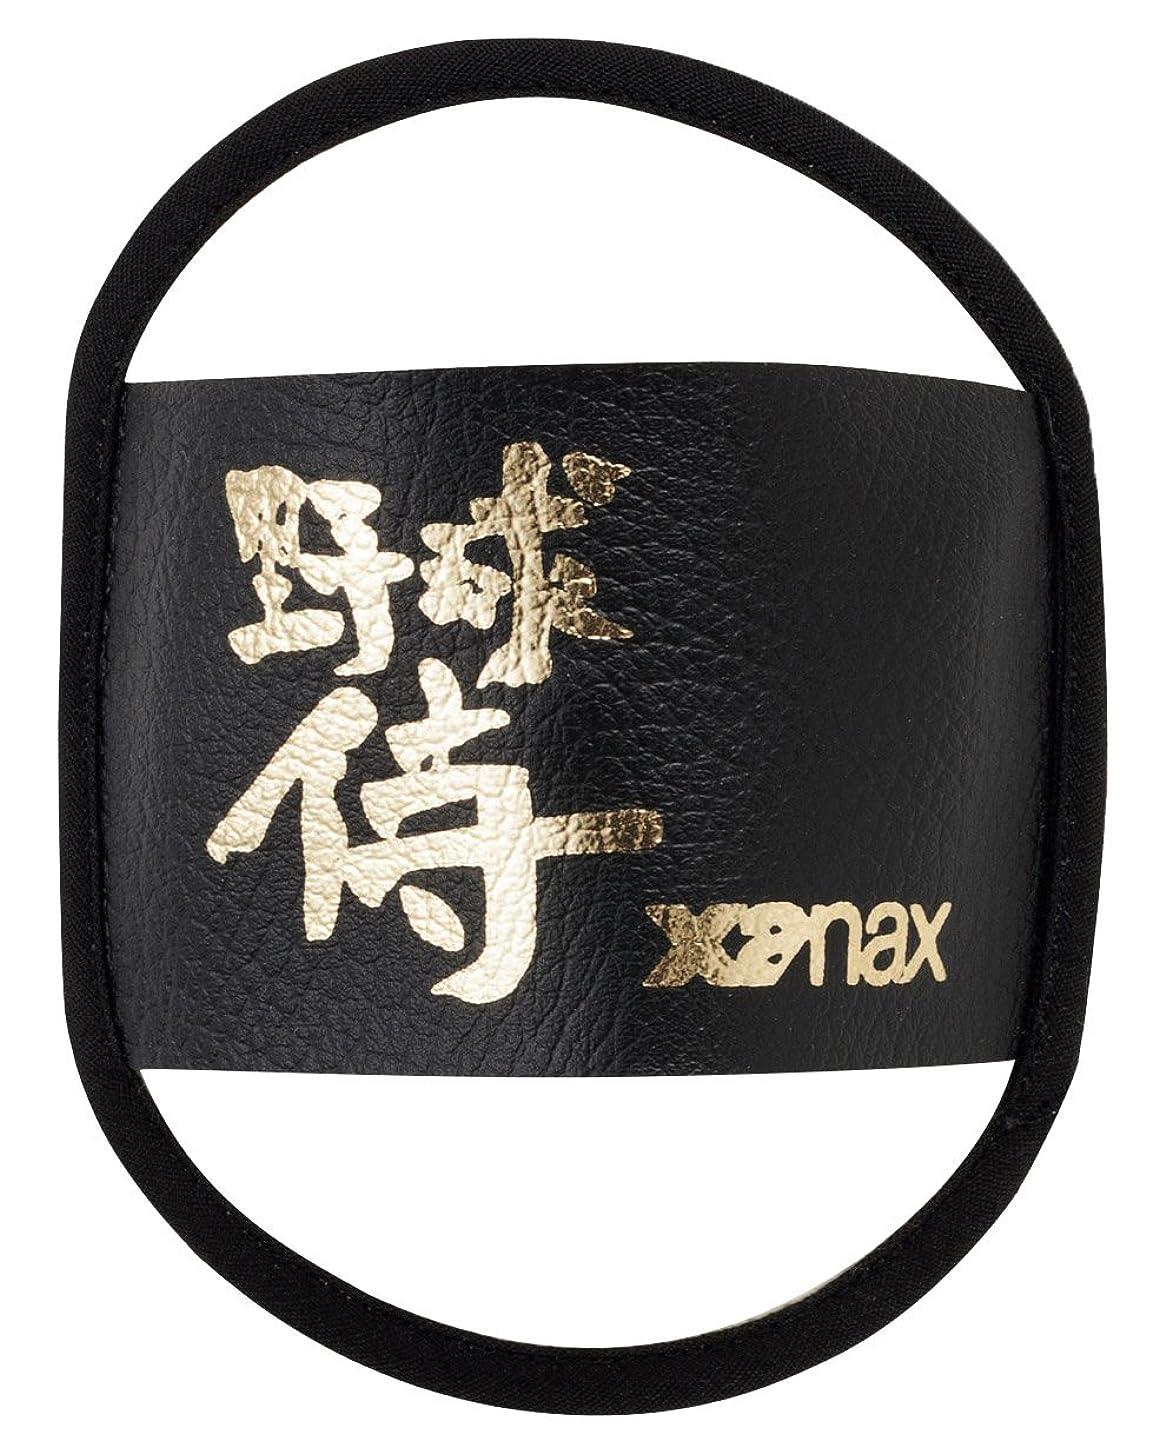 判読できない遵守する前任者XANAX(ザナックス) 野球 グラブブラシ アクリル100% 日本製 BGF-55 メンテナンス